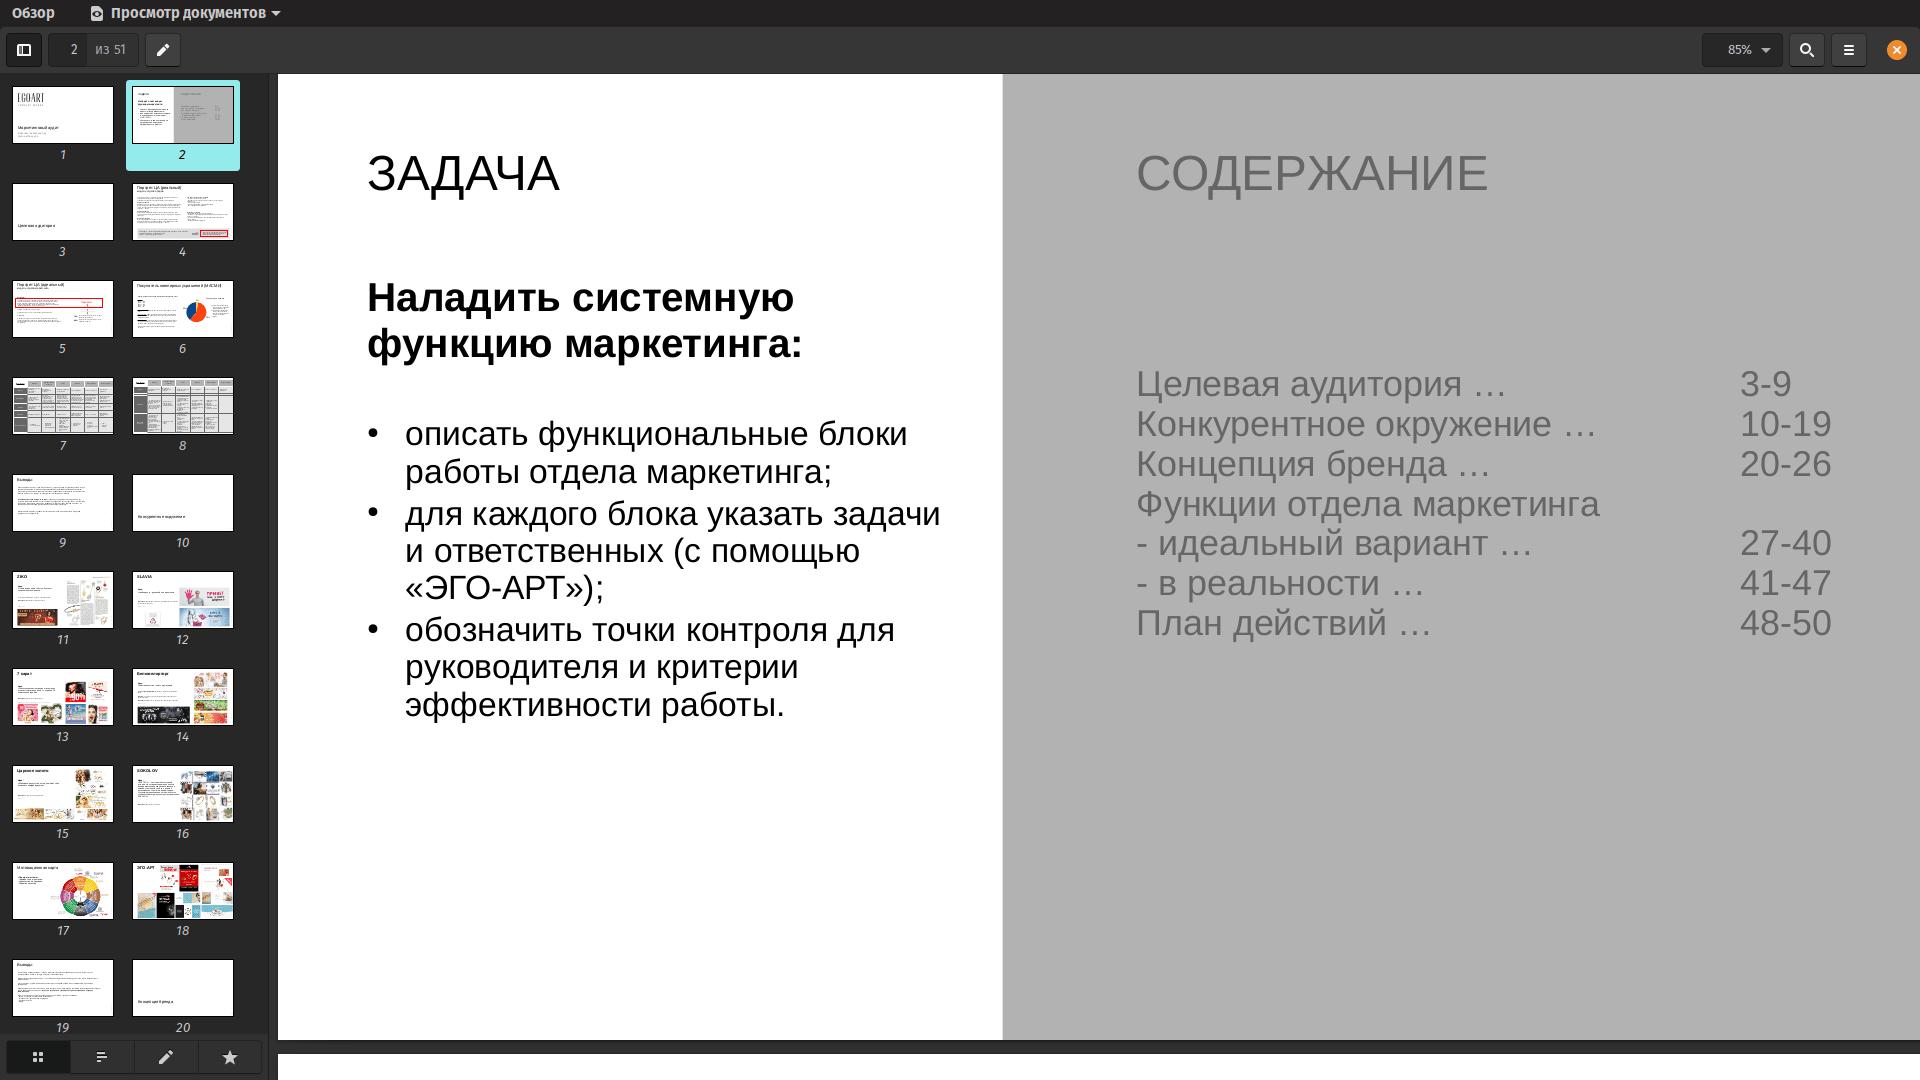 слайд с содержанием итоговой презентации для EGO-ART